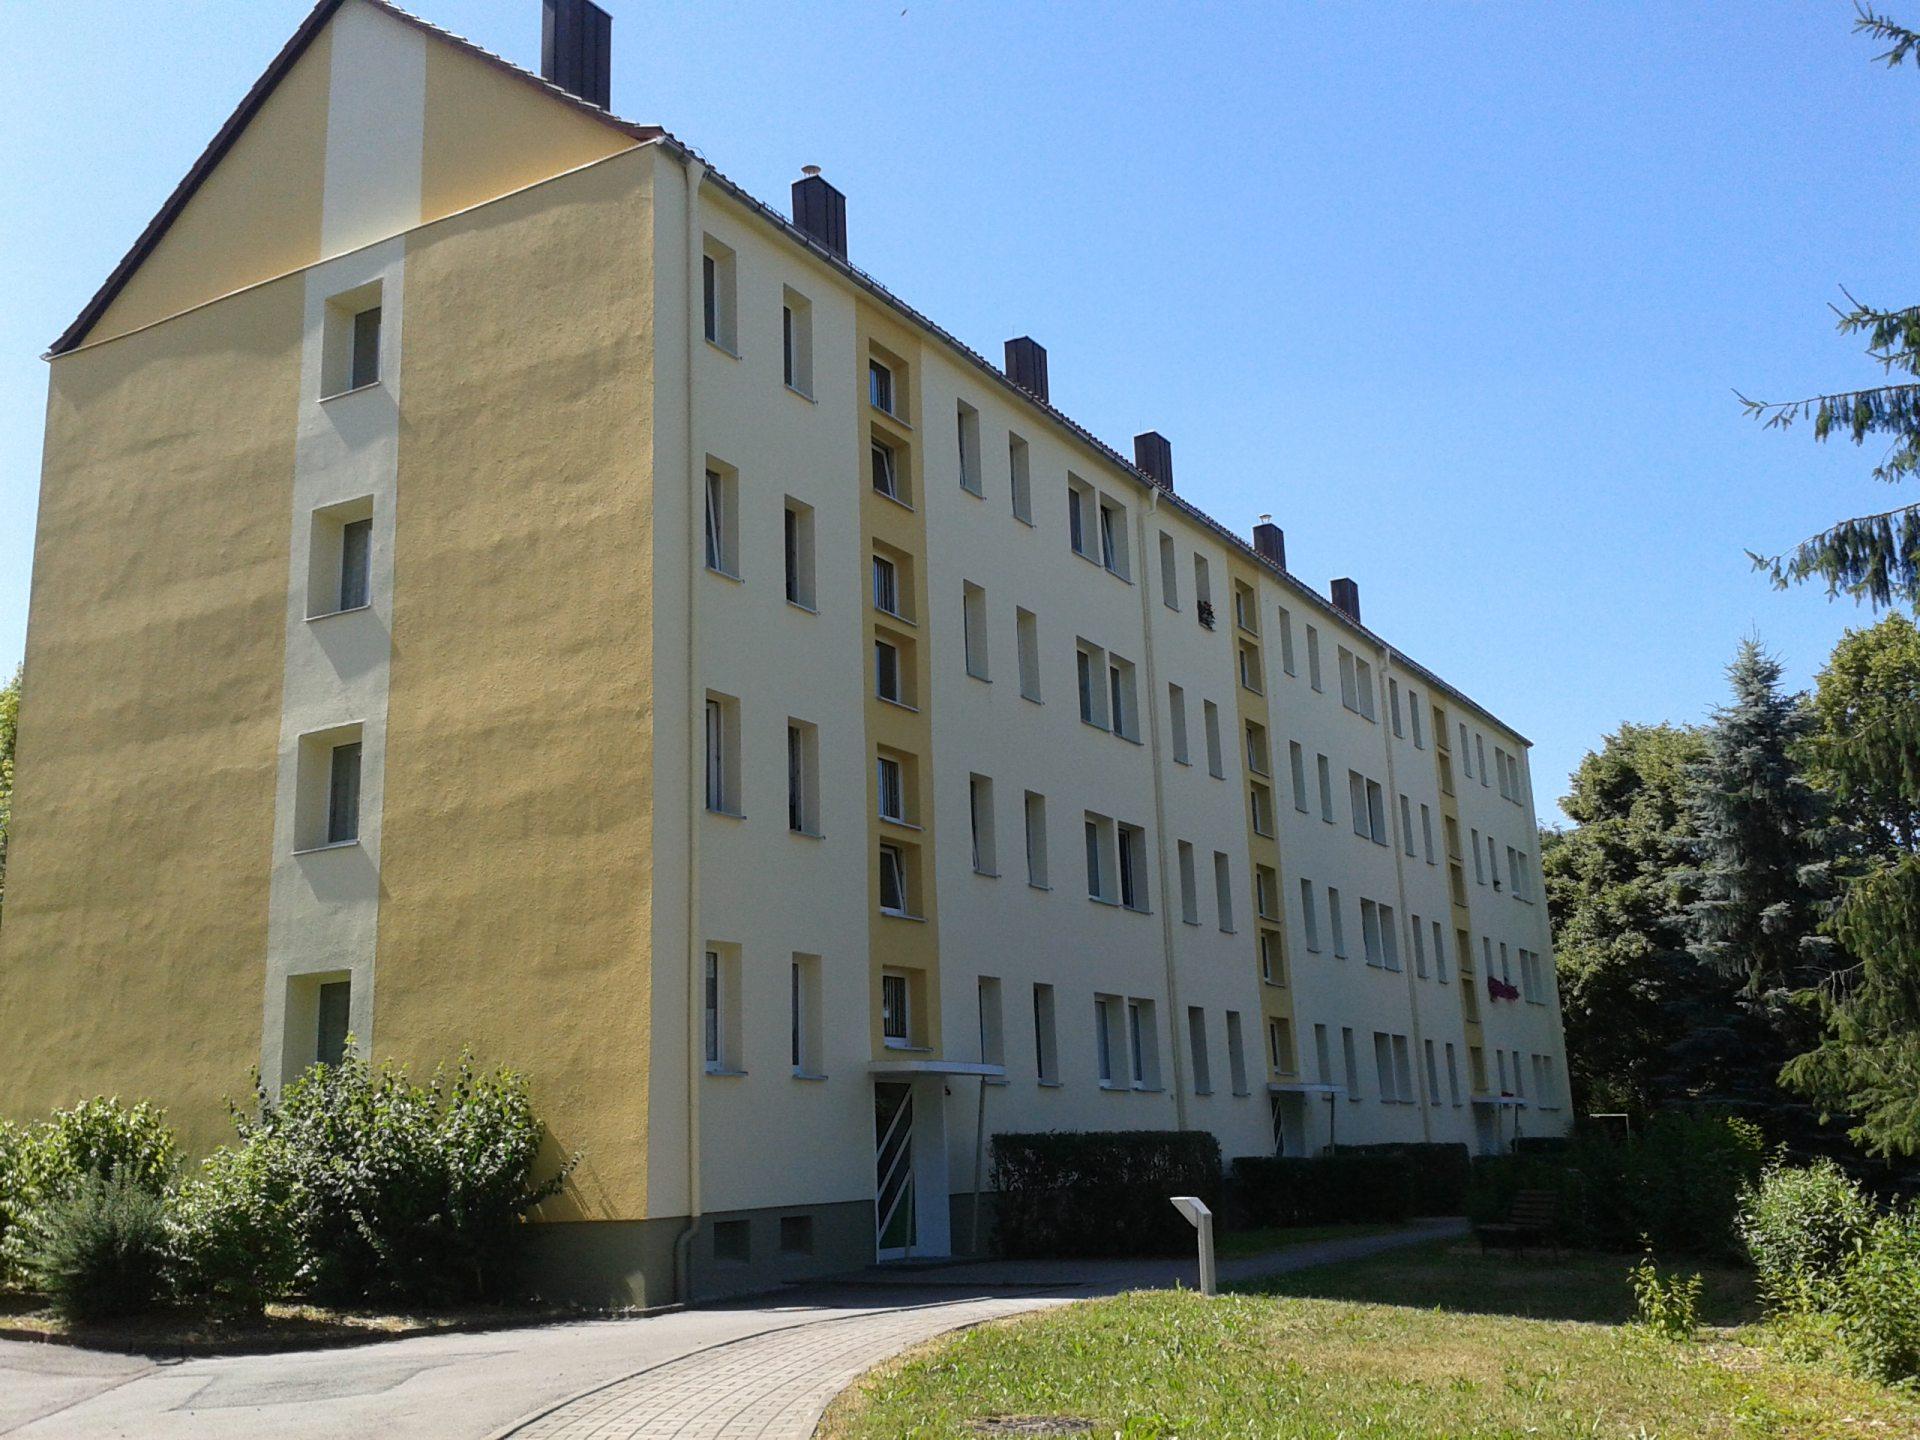 Beethovenstraße 5